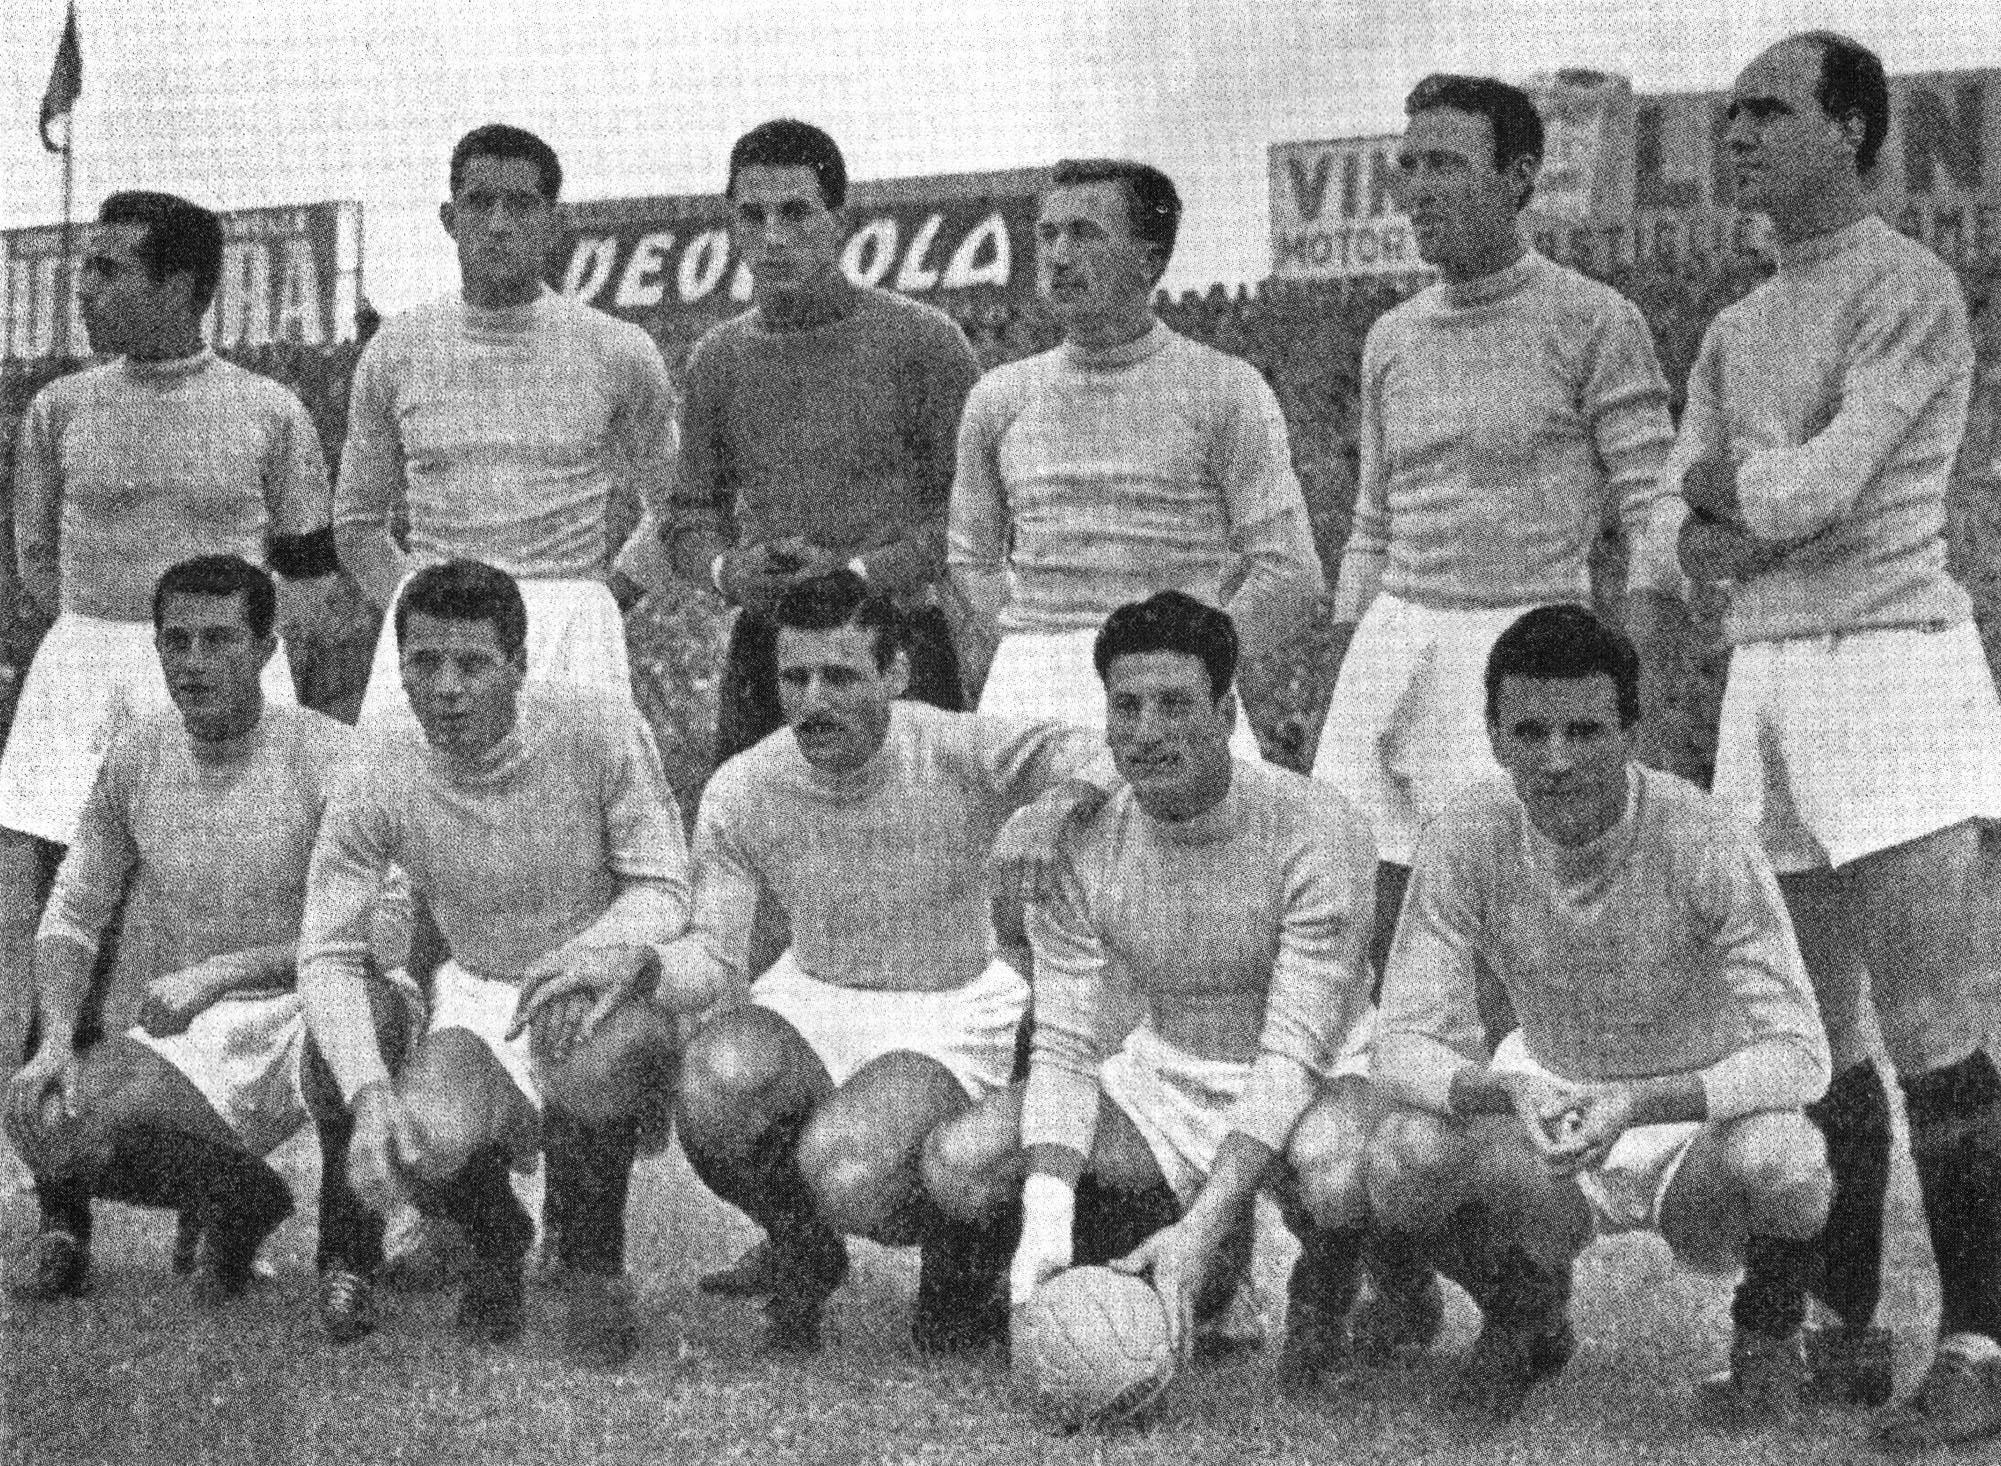 squadra calcio portuense rome - photo#6